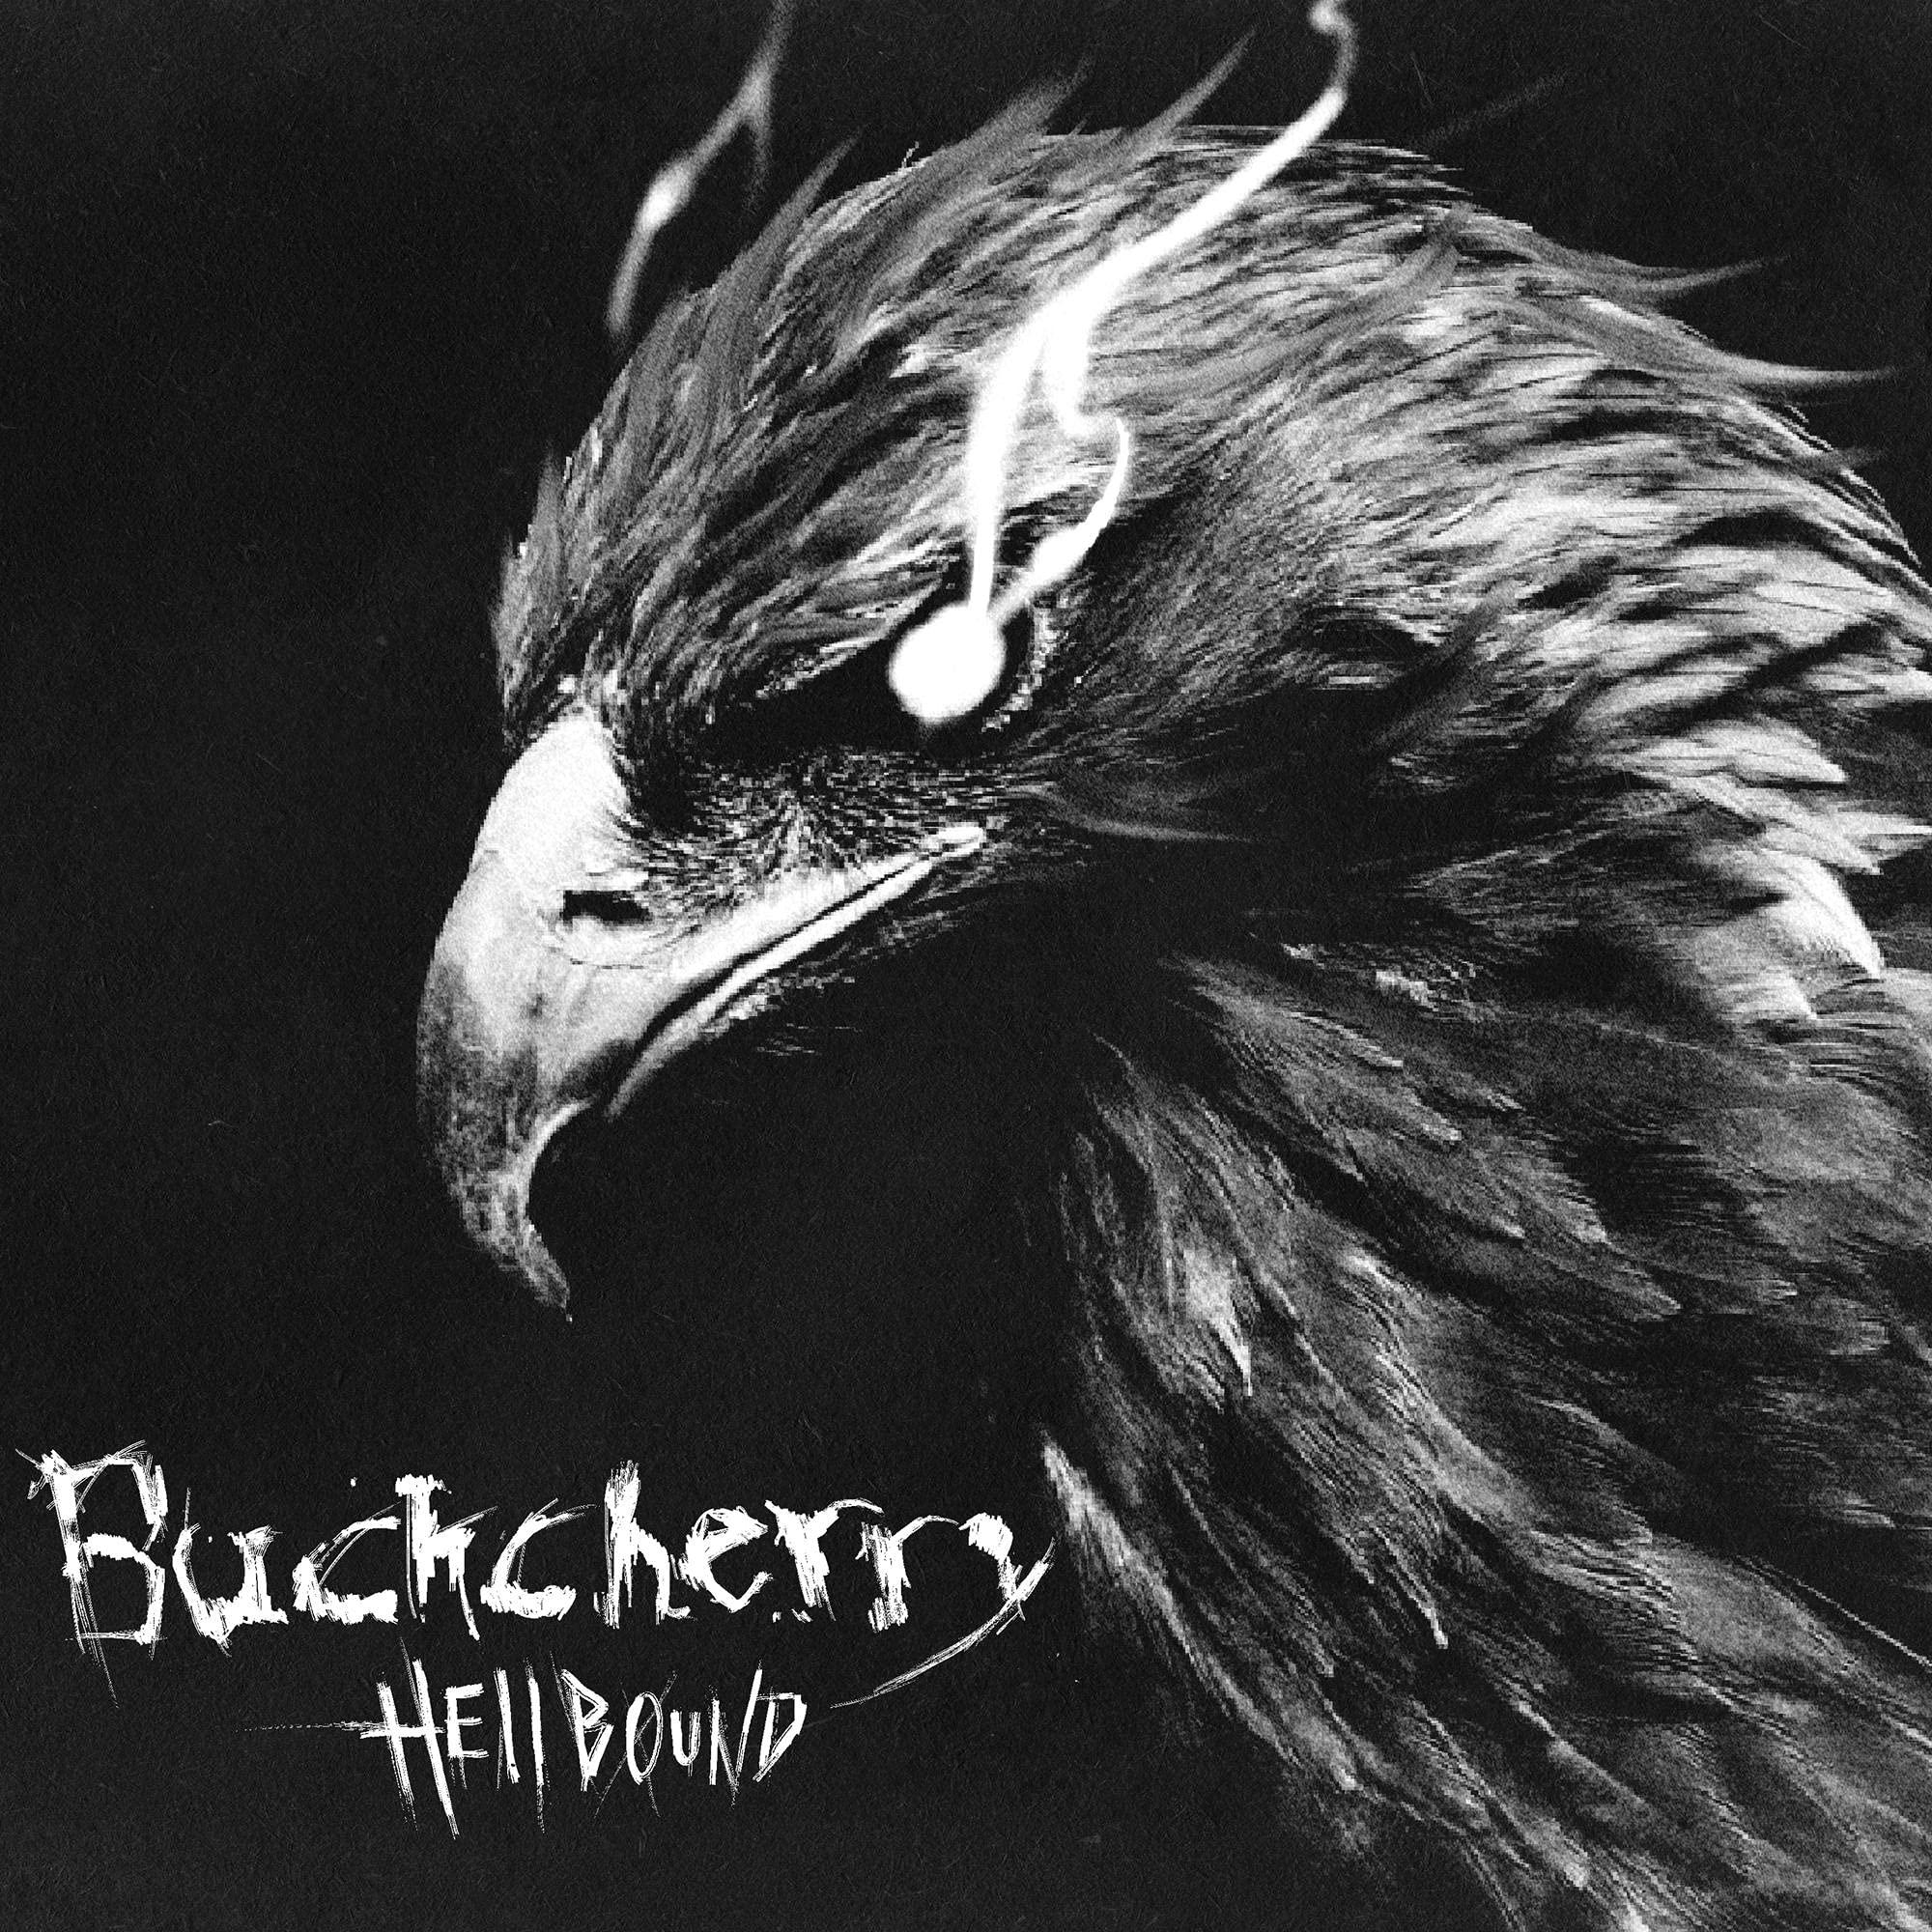 Buckcherry - Hellbound (2021) [FLAC] Download